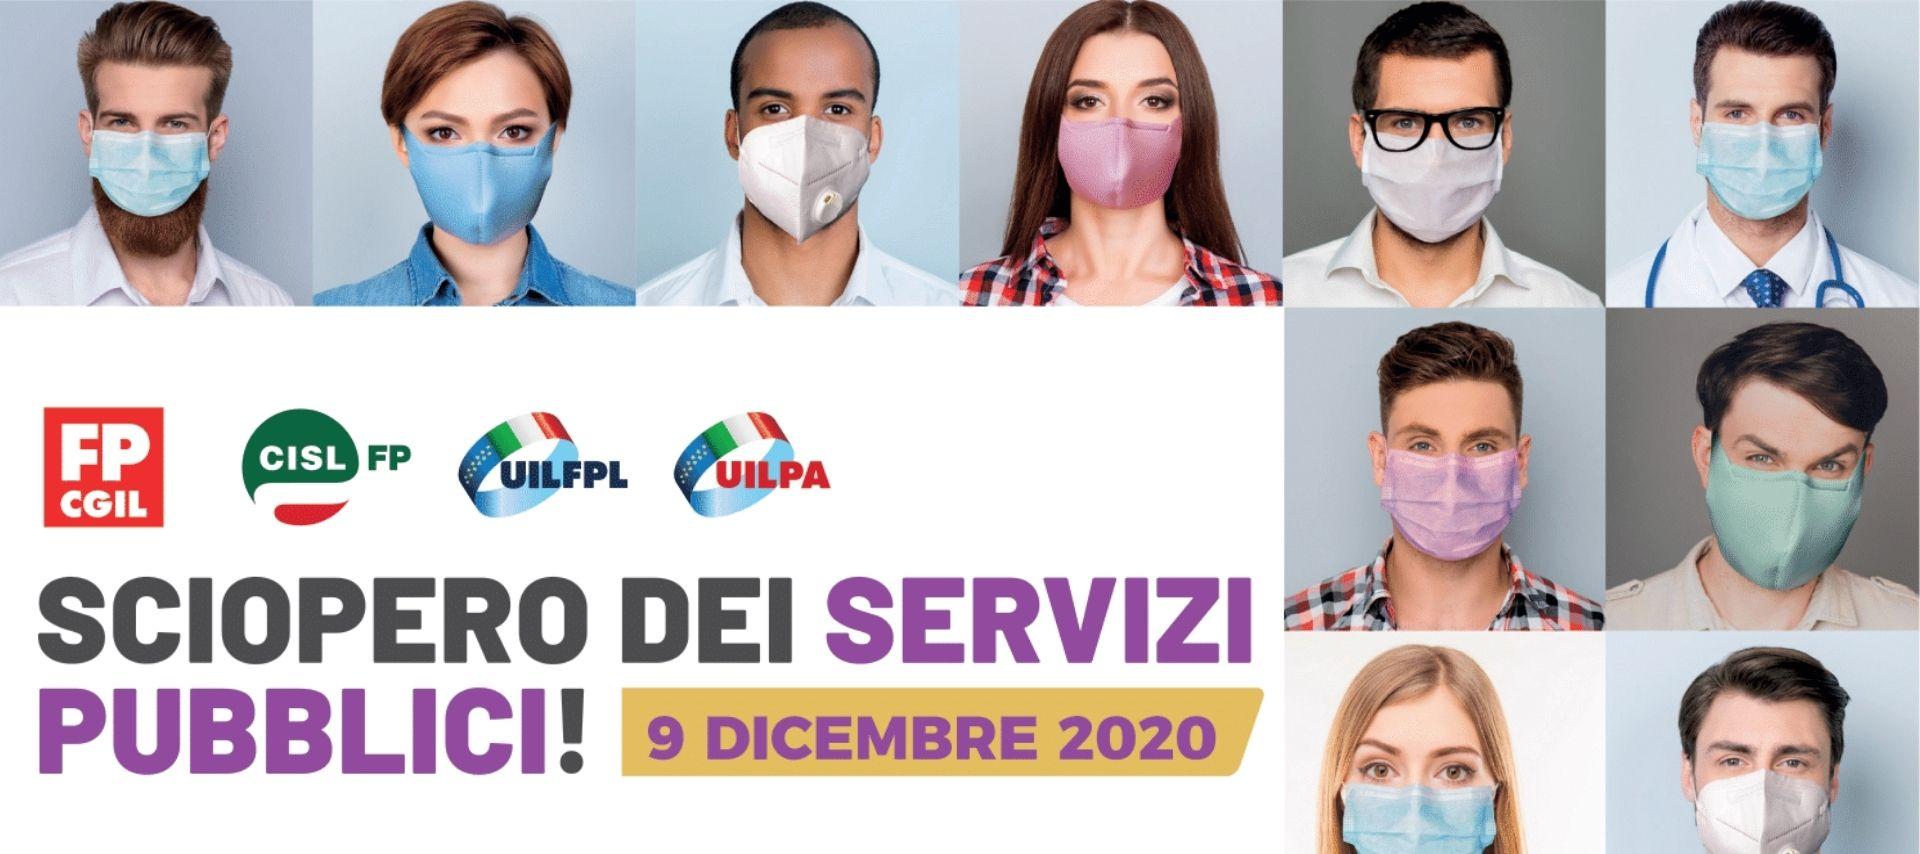 9 dicembre sciopero dei servizi pubblici